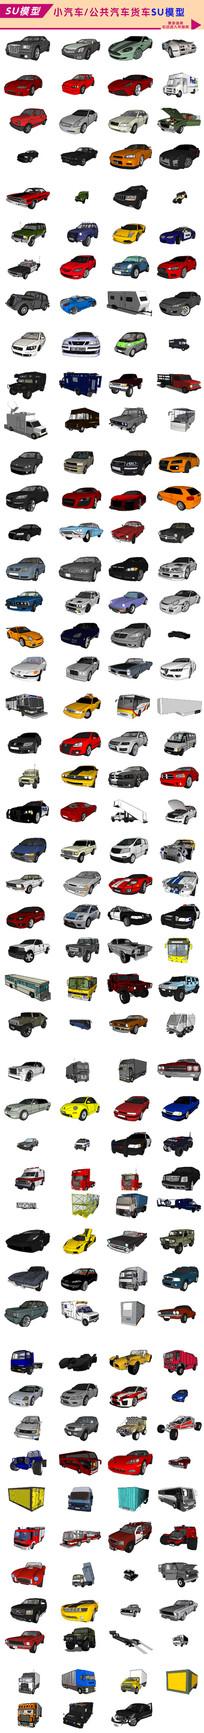 各种汽车交通工具SU模型